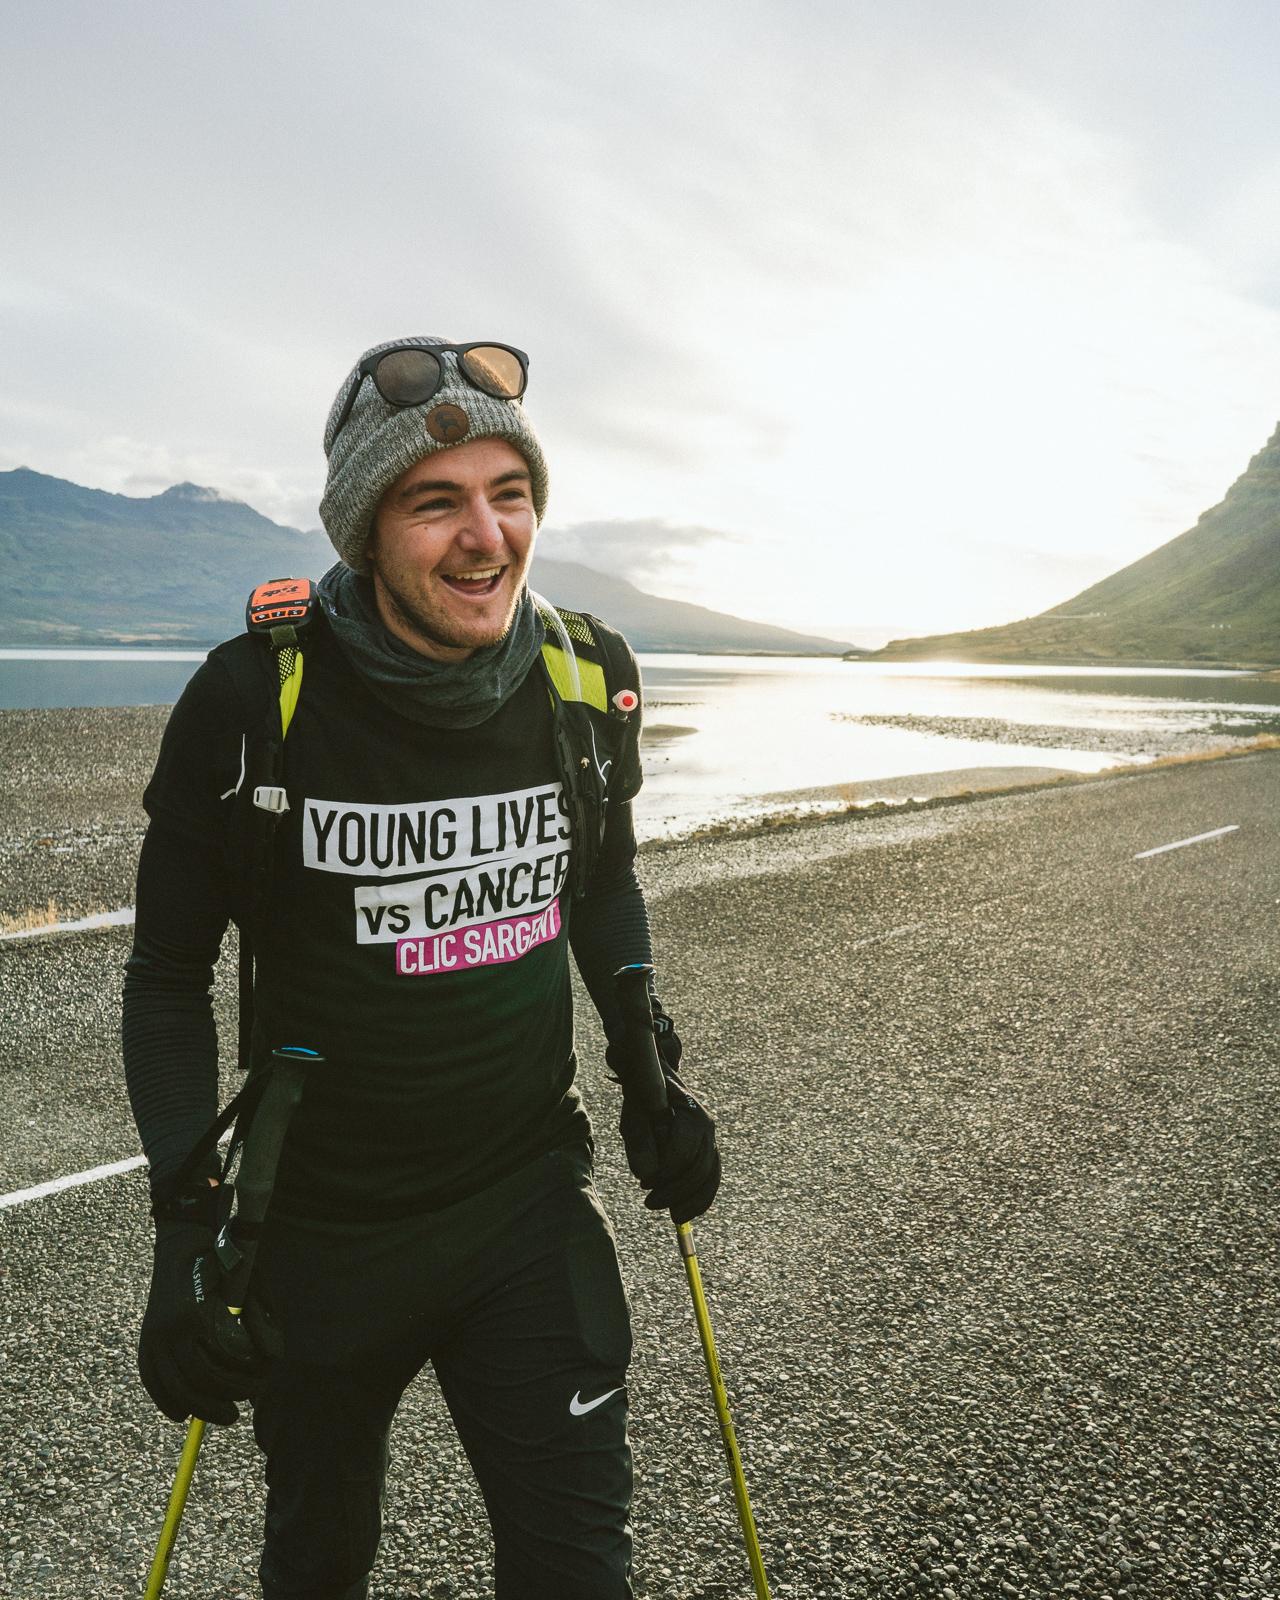 Endurance athlete | world-first adventure